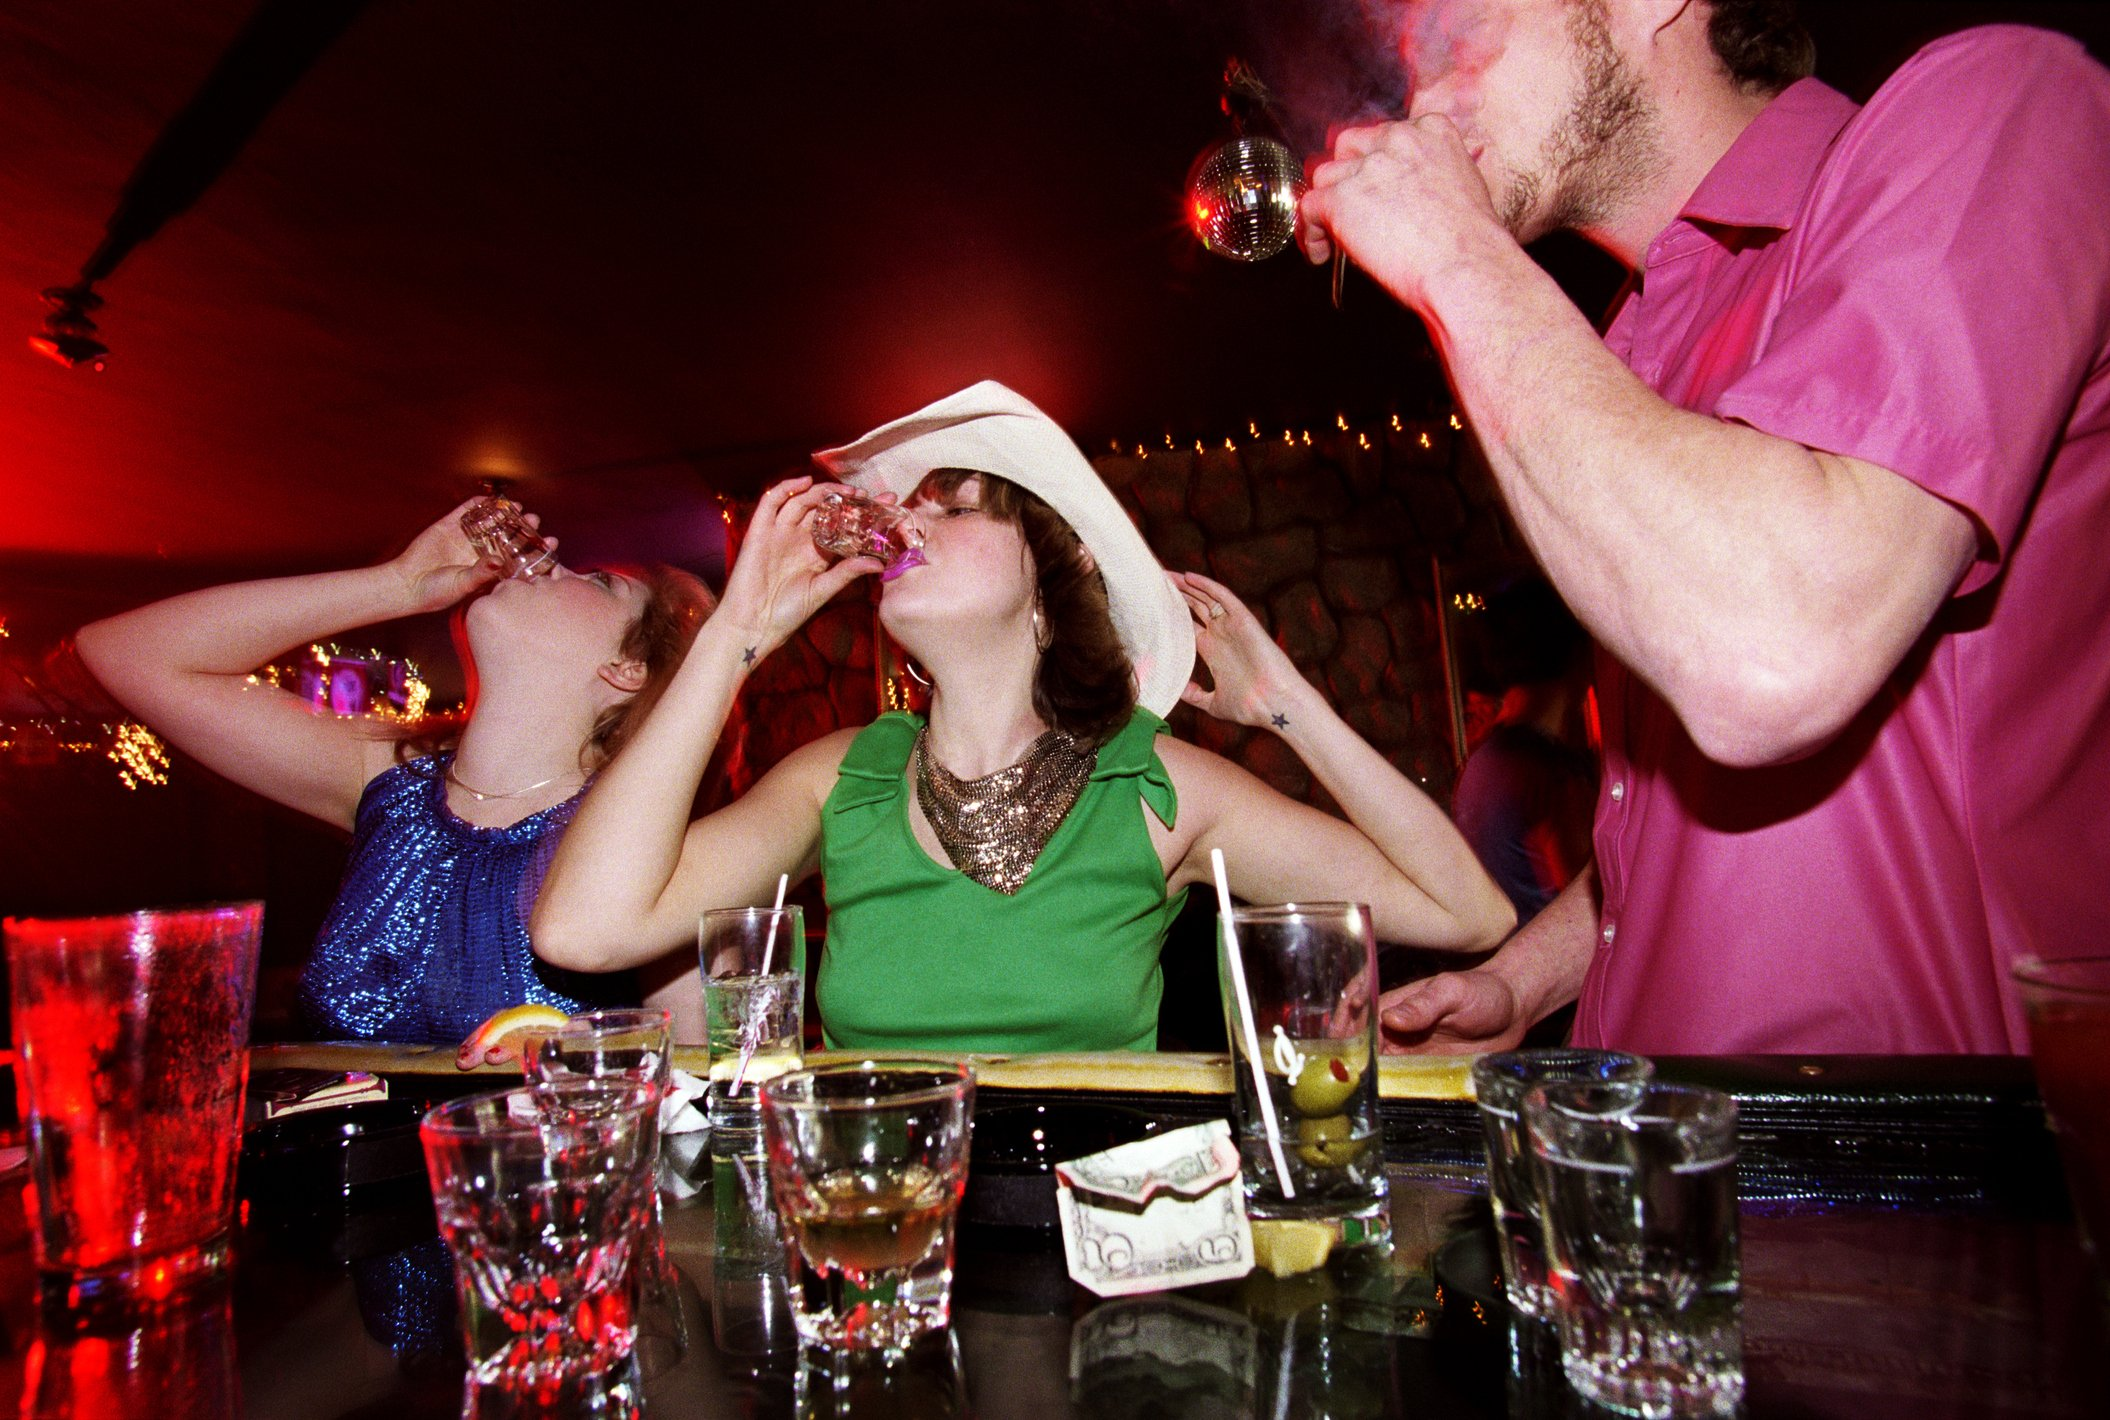 Dos mujeres y un hombre se alimentan a la fuerza en un bar